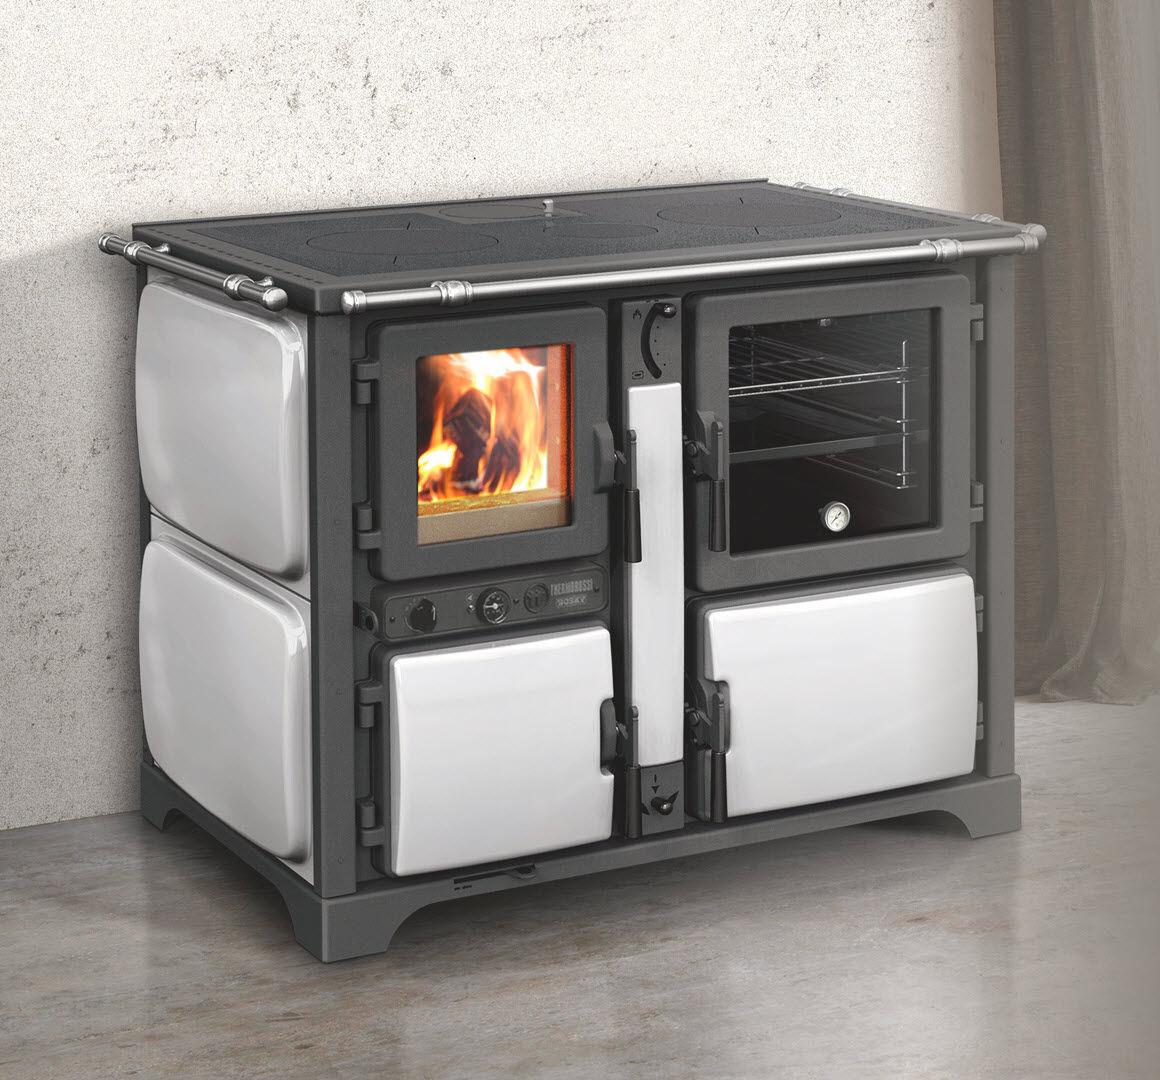 Blocco cucina a legna / per caldaia - BOSKY COUNTRY F30 VINTAGE ...